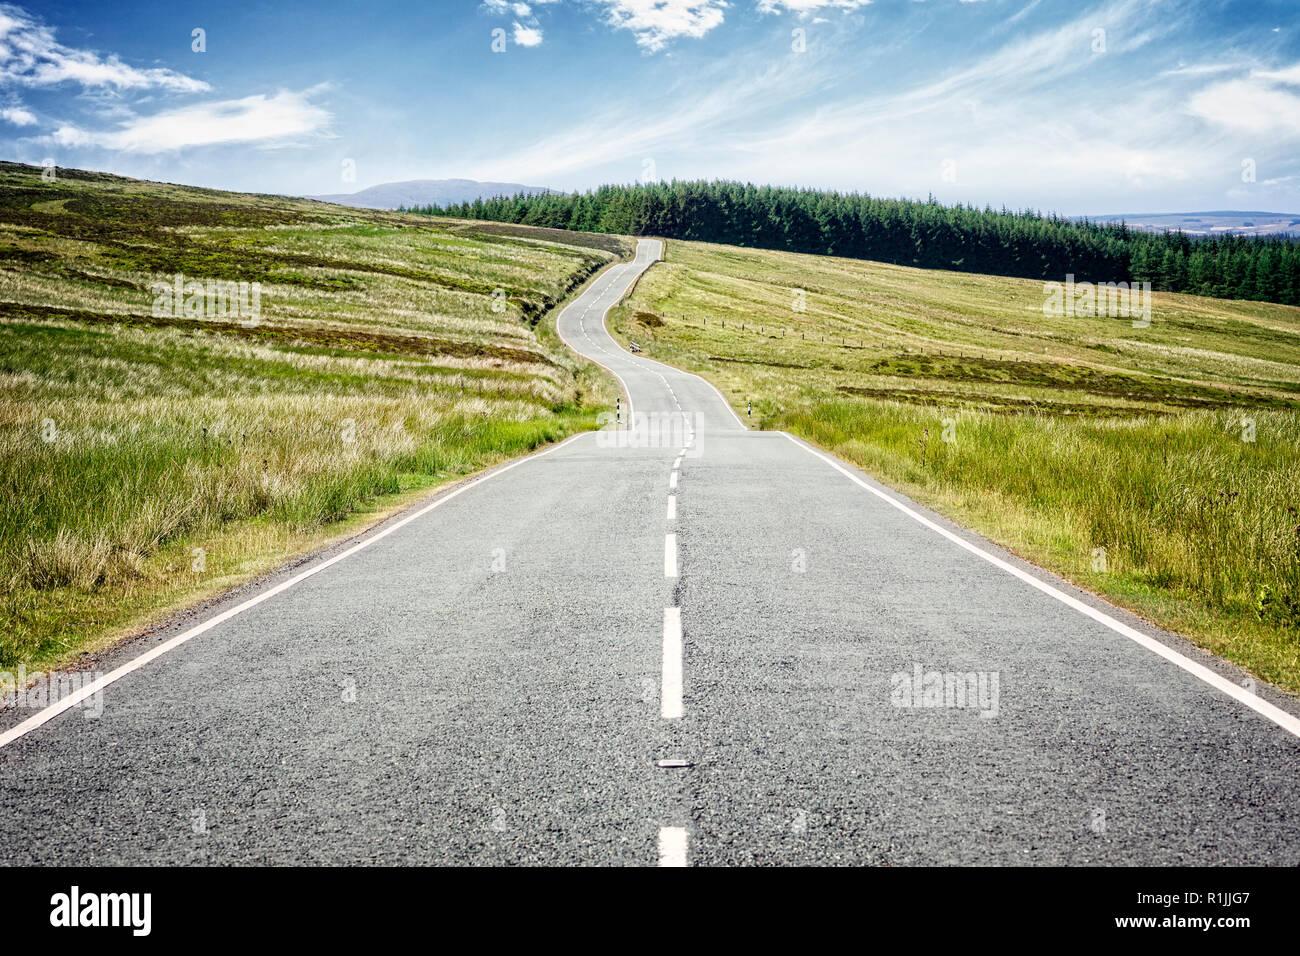 Carretera carretera desaparece en la distancia Foto de stock